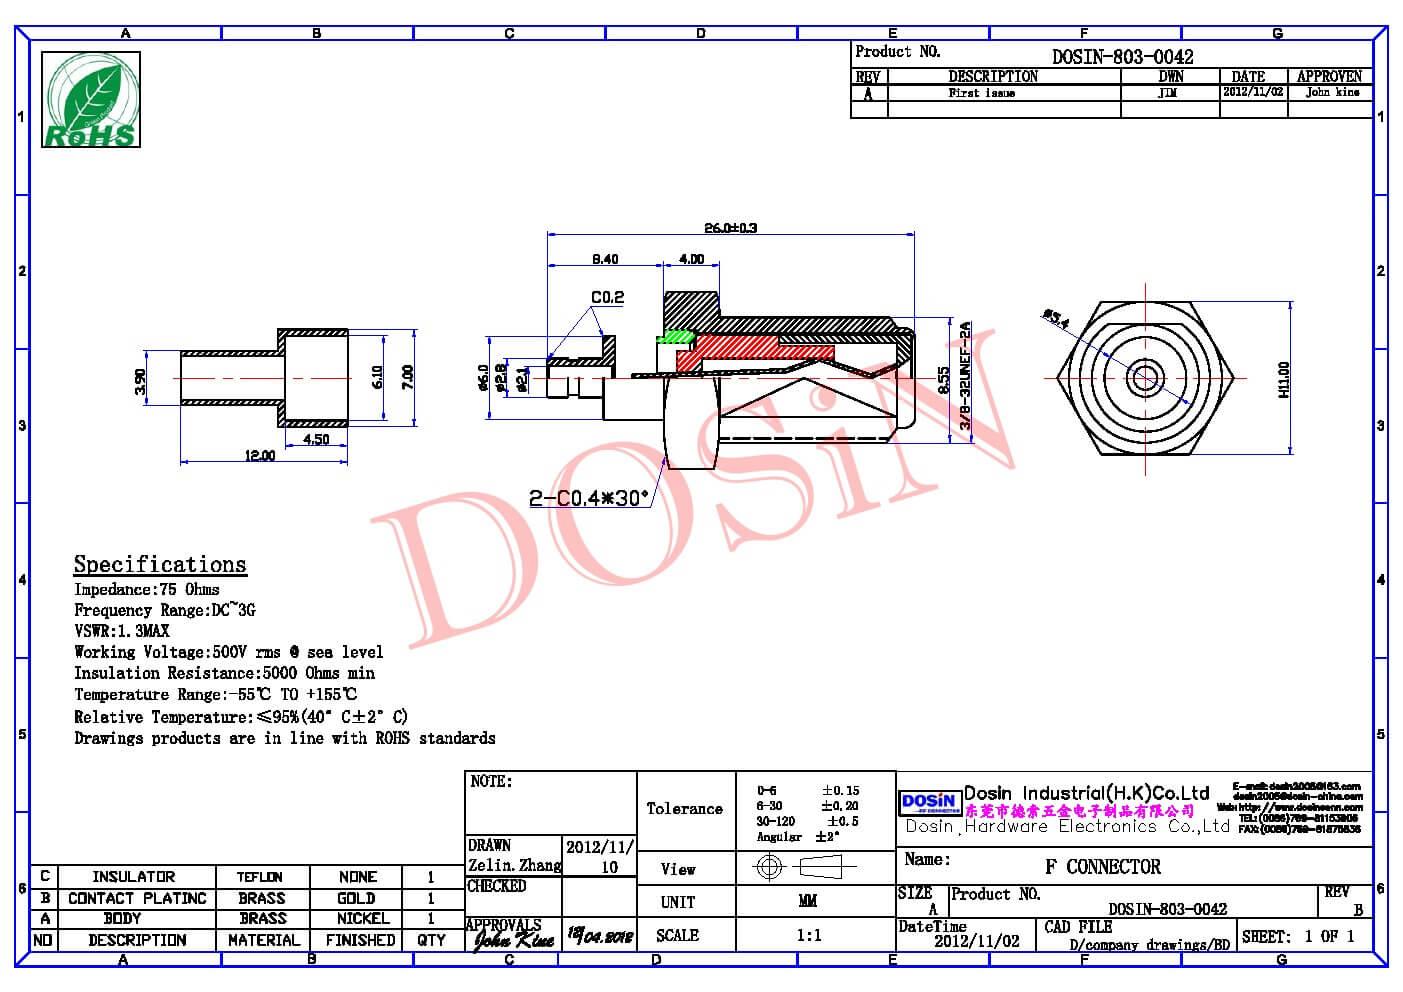 DOSIN-803-0042